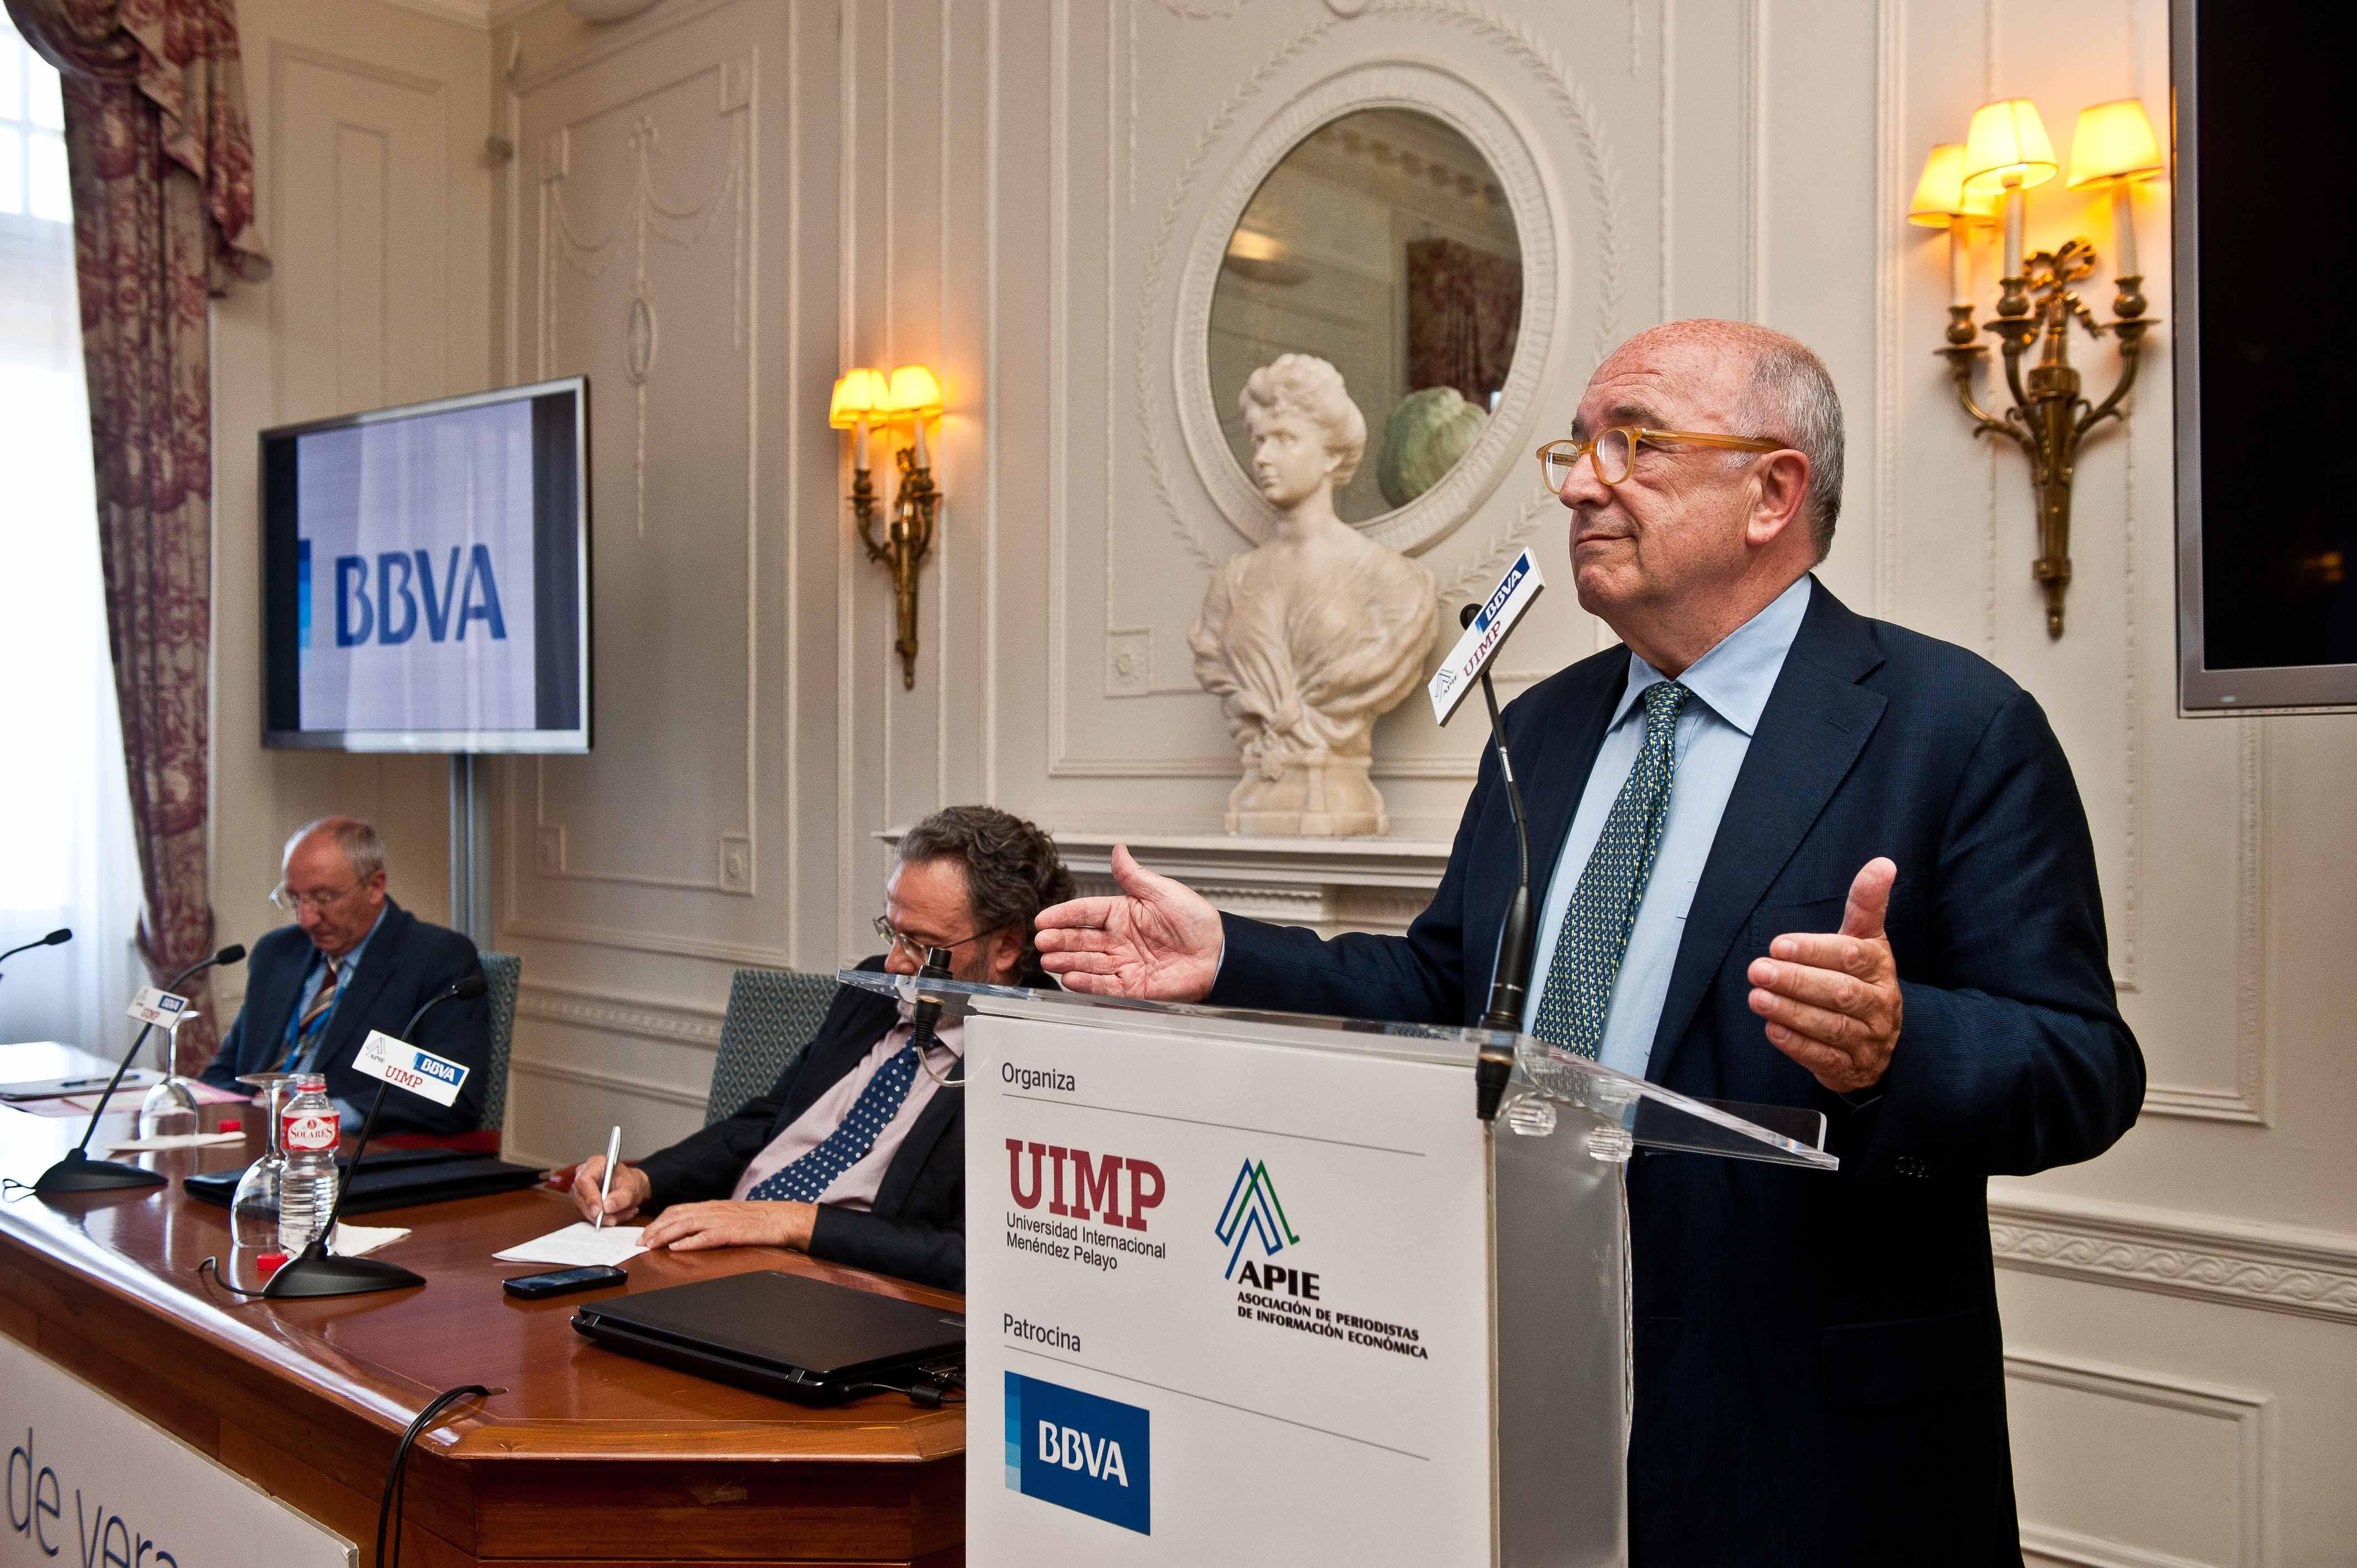 Joaquin Almunia, ex comisario europeo de Competencia y Economía, durante su intervención en el Curso de Verano organizado por APIE en la Universidad Internacional Menéndez Pelayo de Santander.